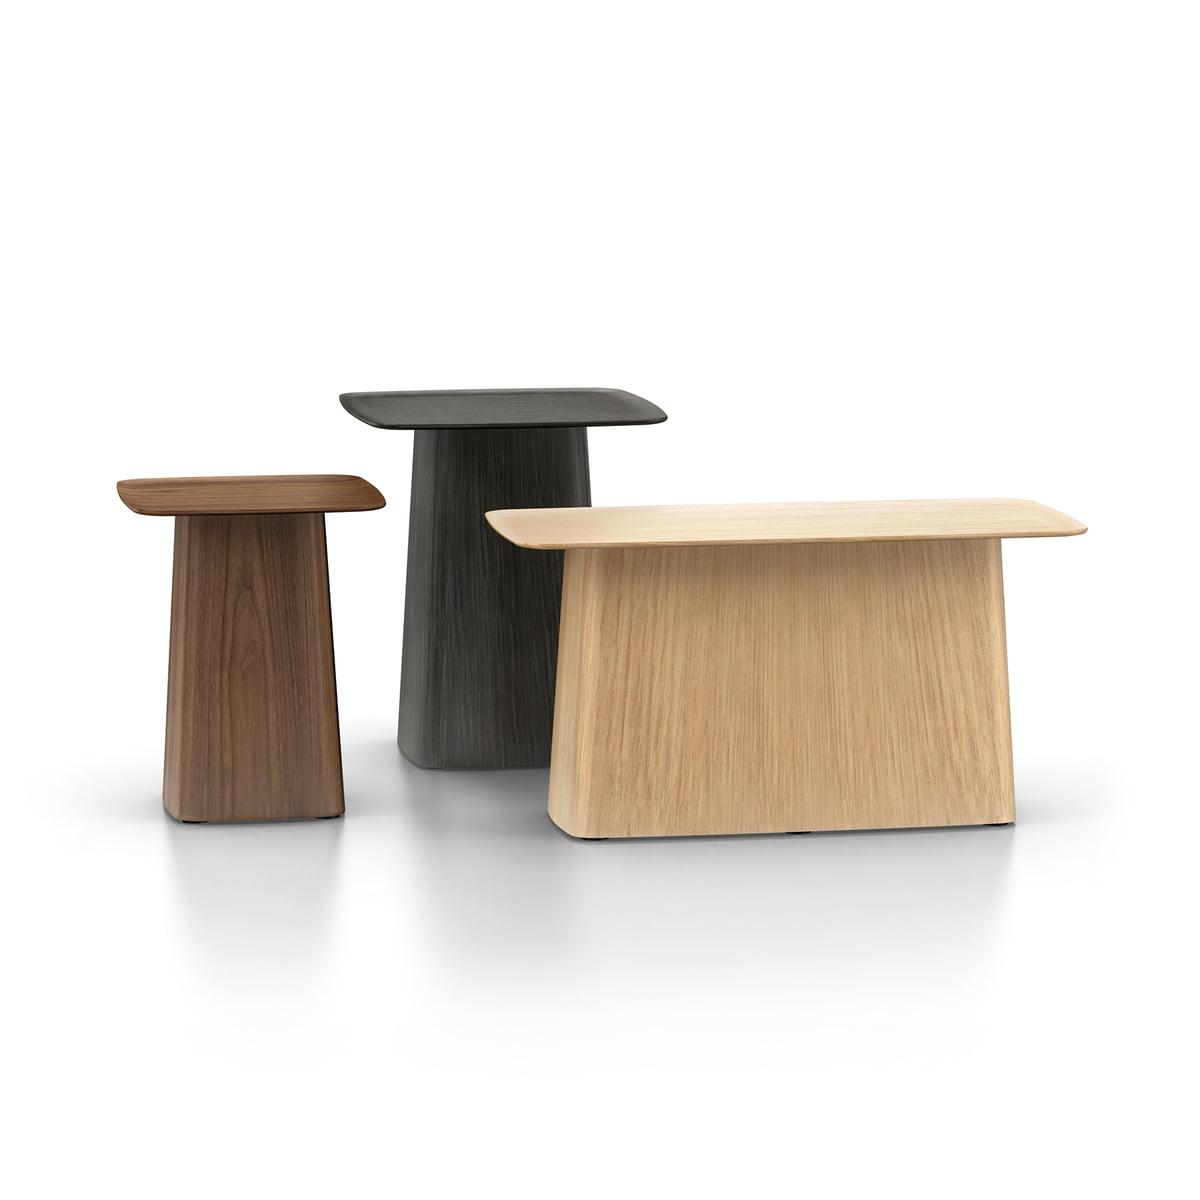 Schön Wooden Side Table Von Vitra